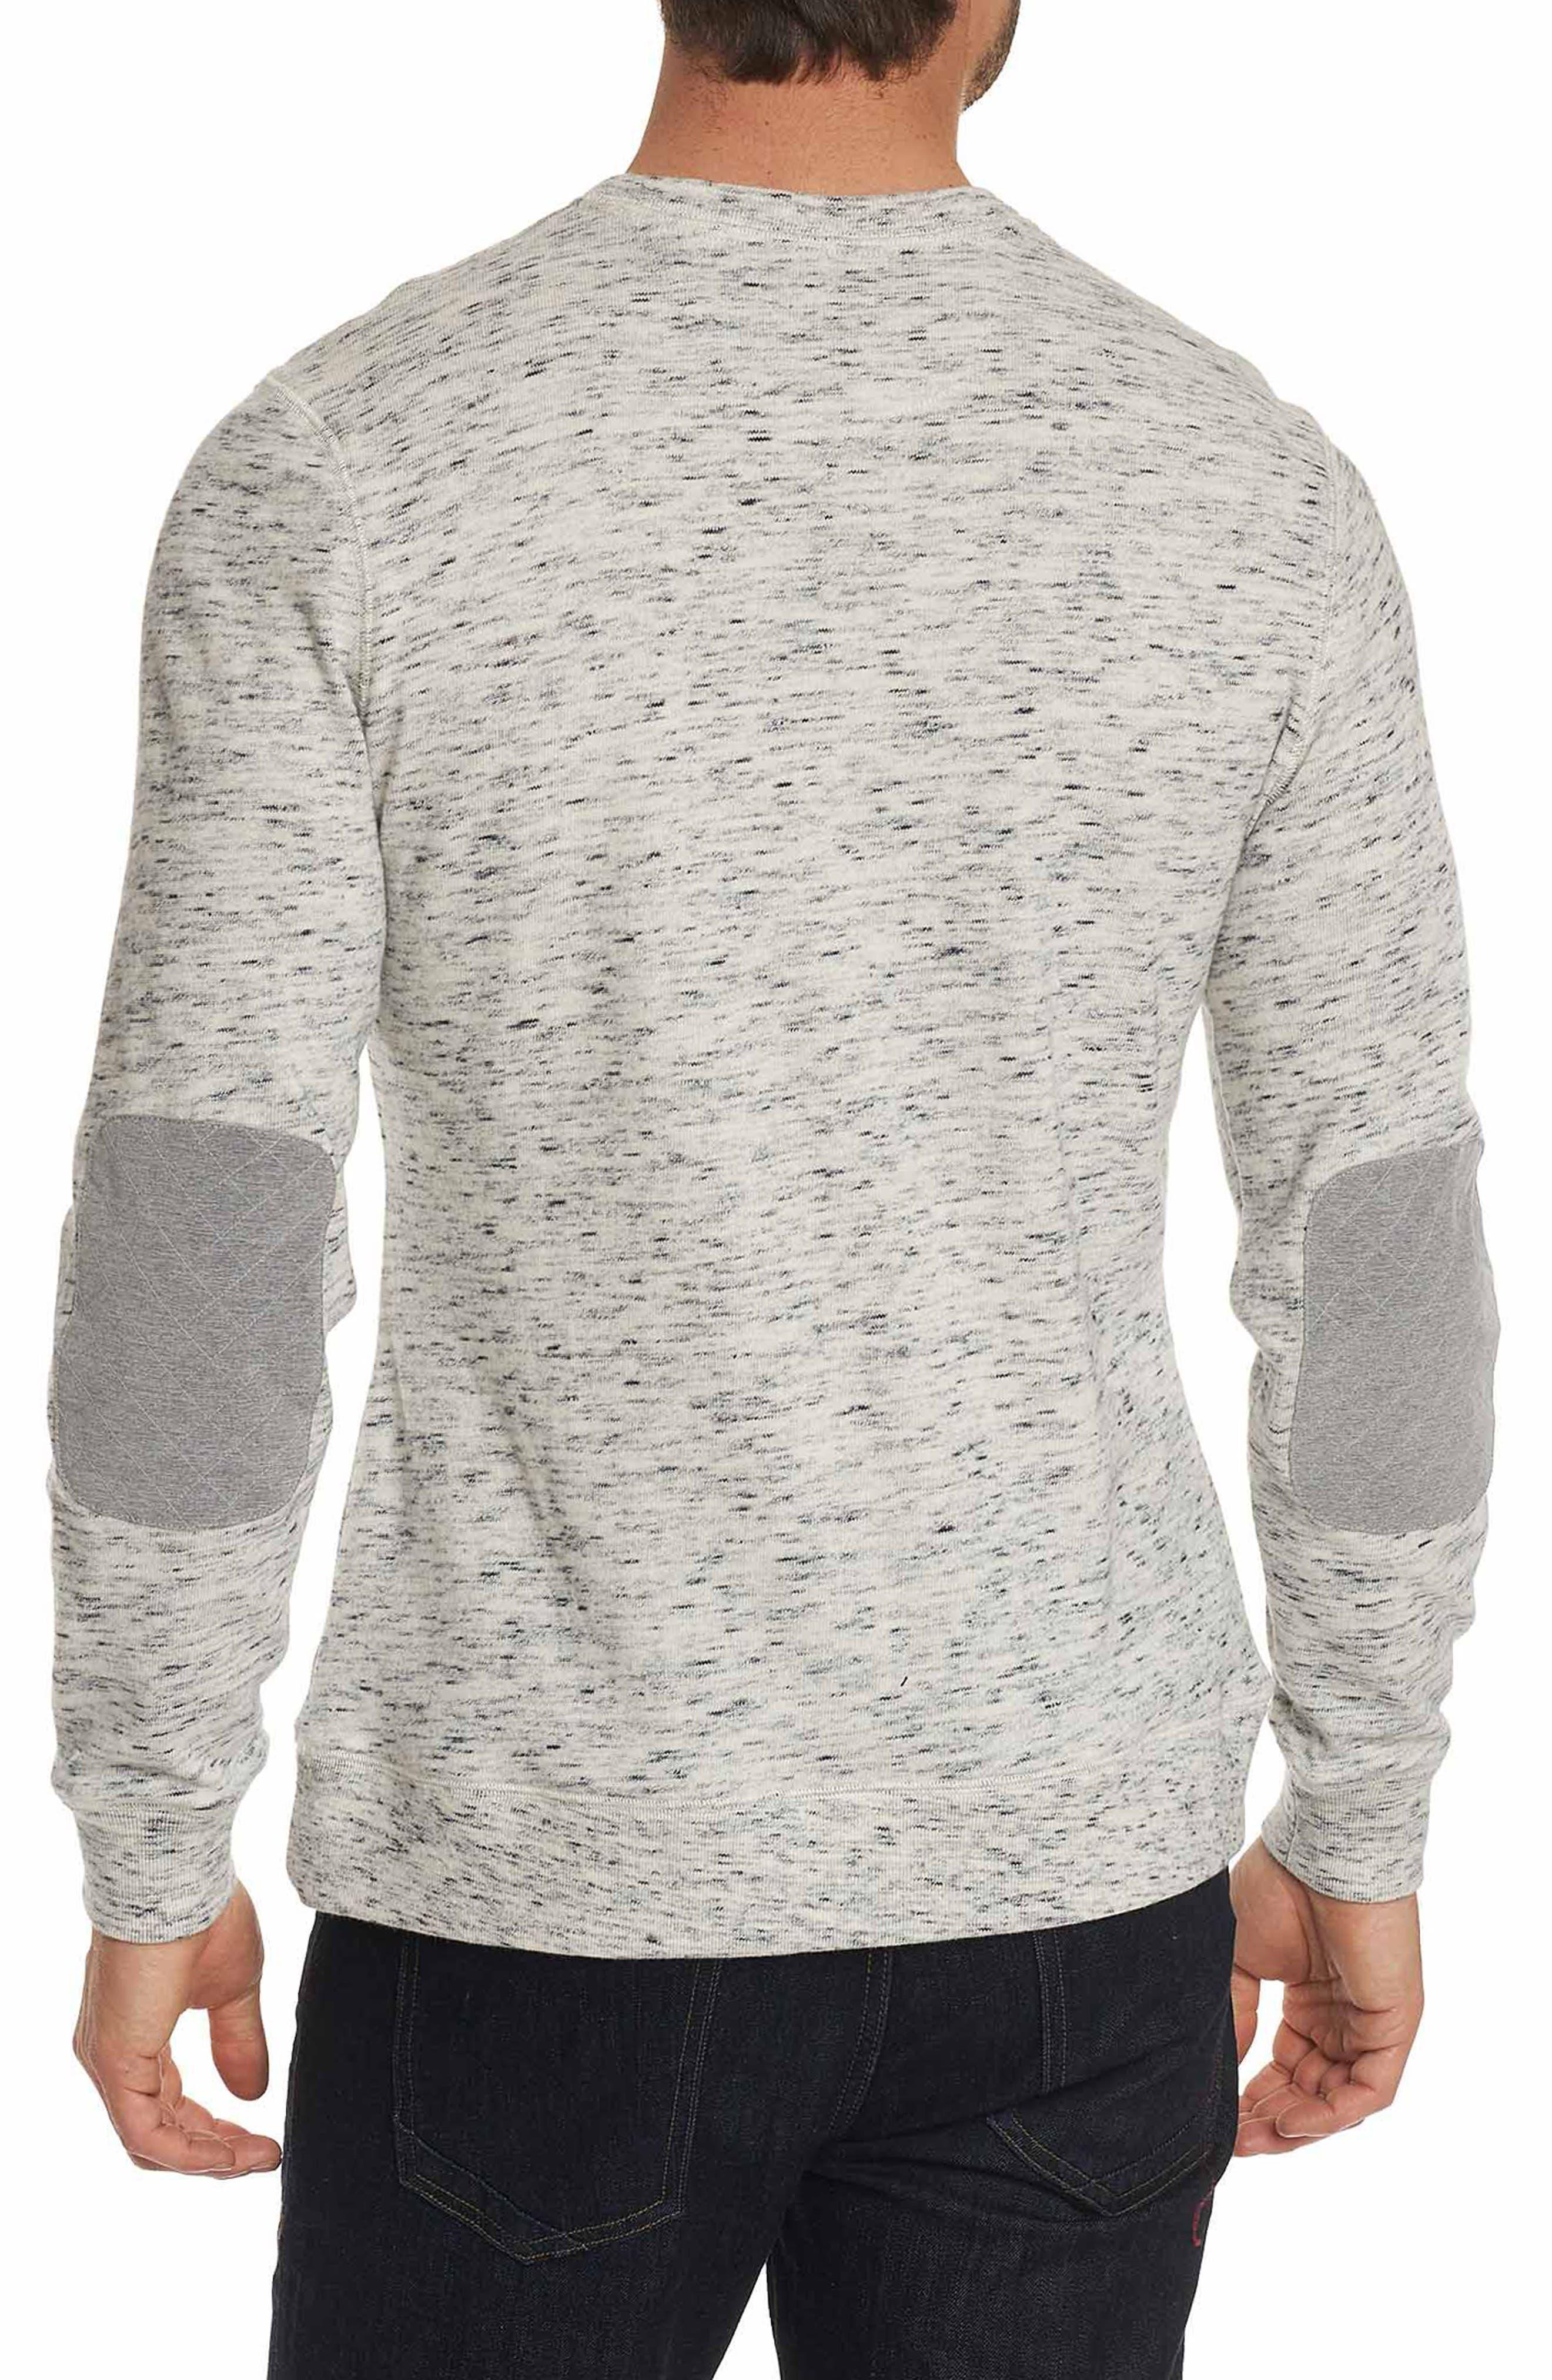 Endurance Elbow Patch Sweatshirt,                             Alternate thumbnail 4, color,